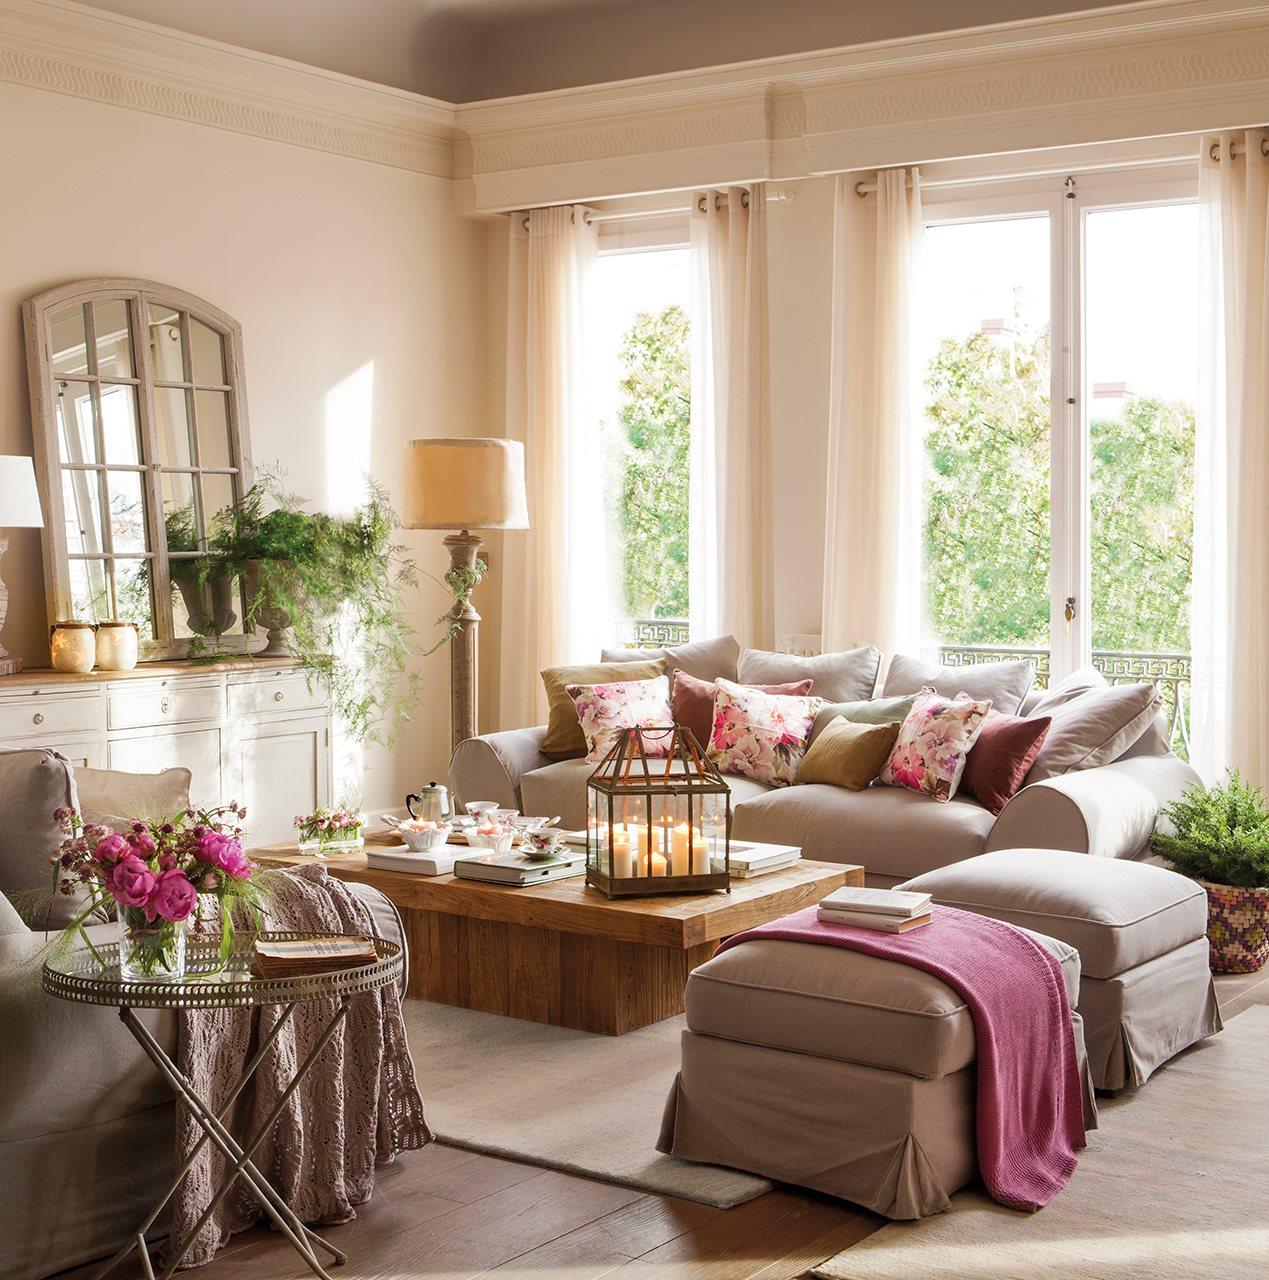 10 10 - Ideas decoracion salon ...